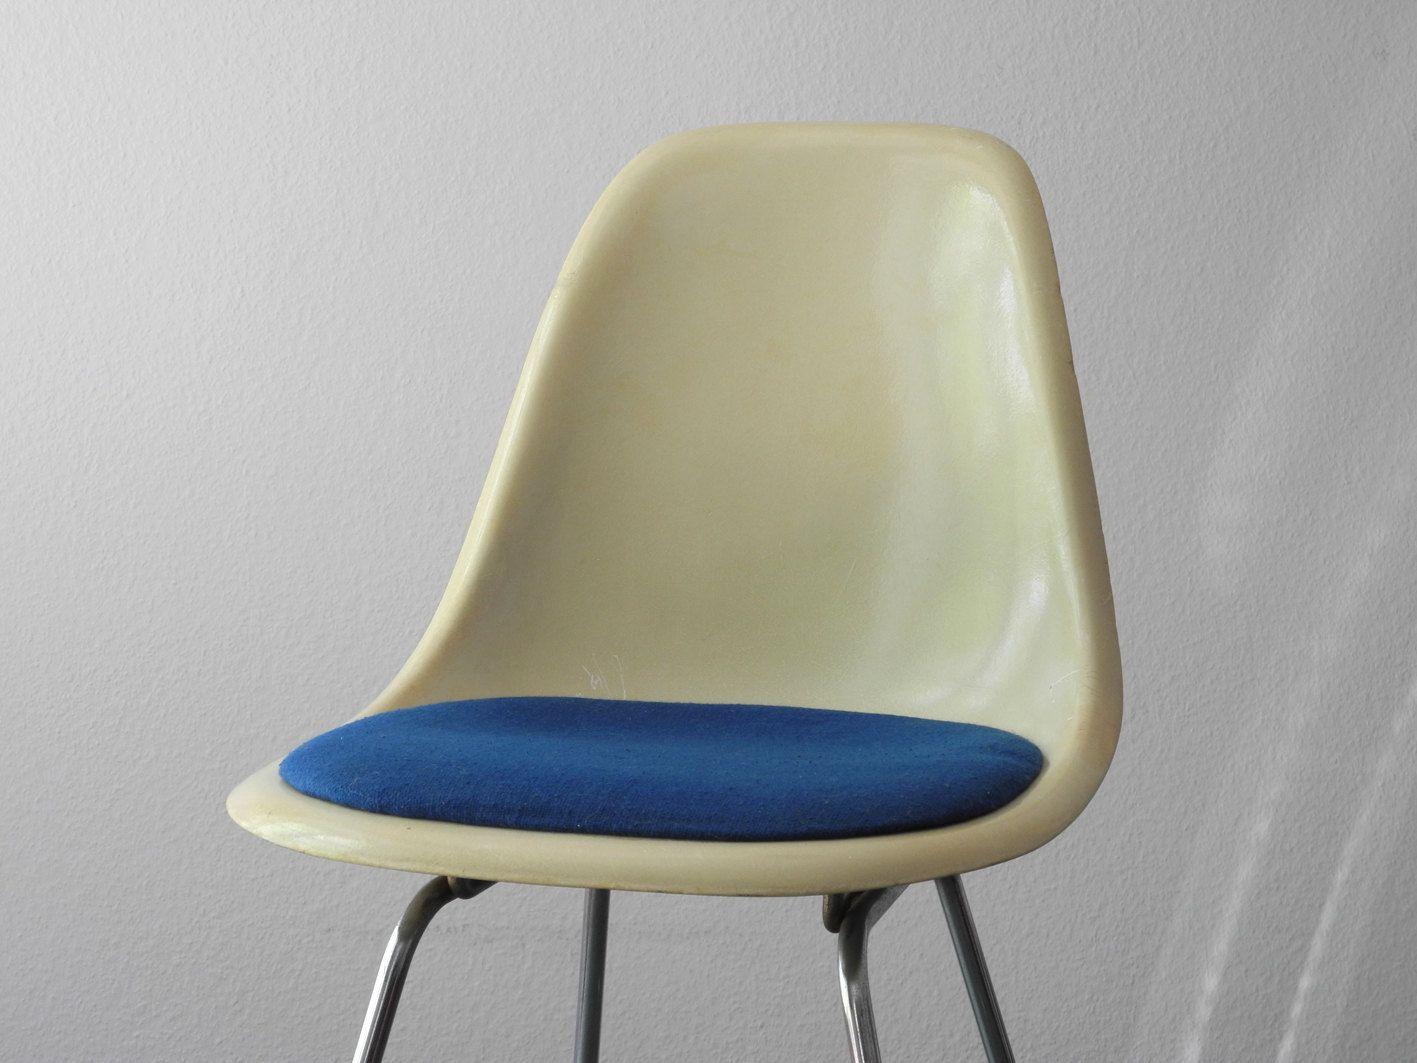 Dsw stuhl mit blauem sitz von charles ray eames f r for Dsw stuhl hamburg